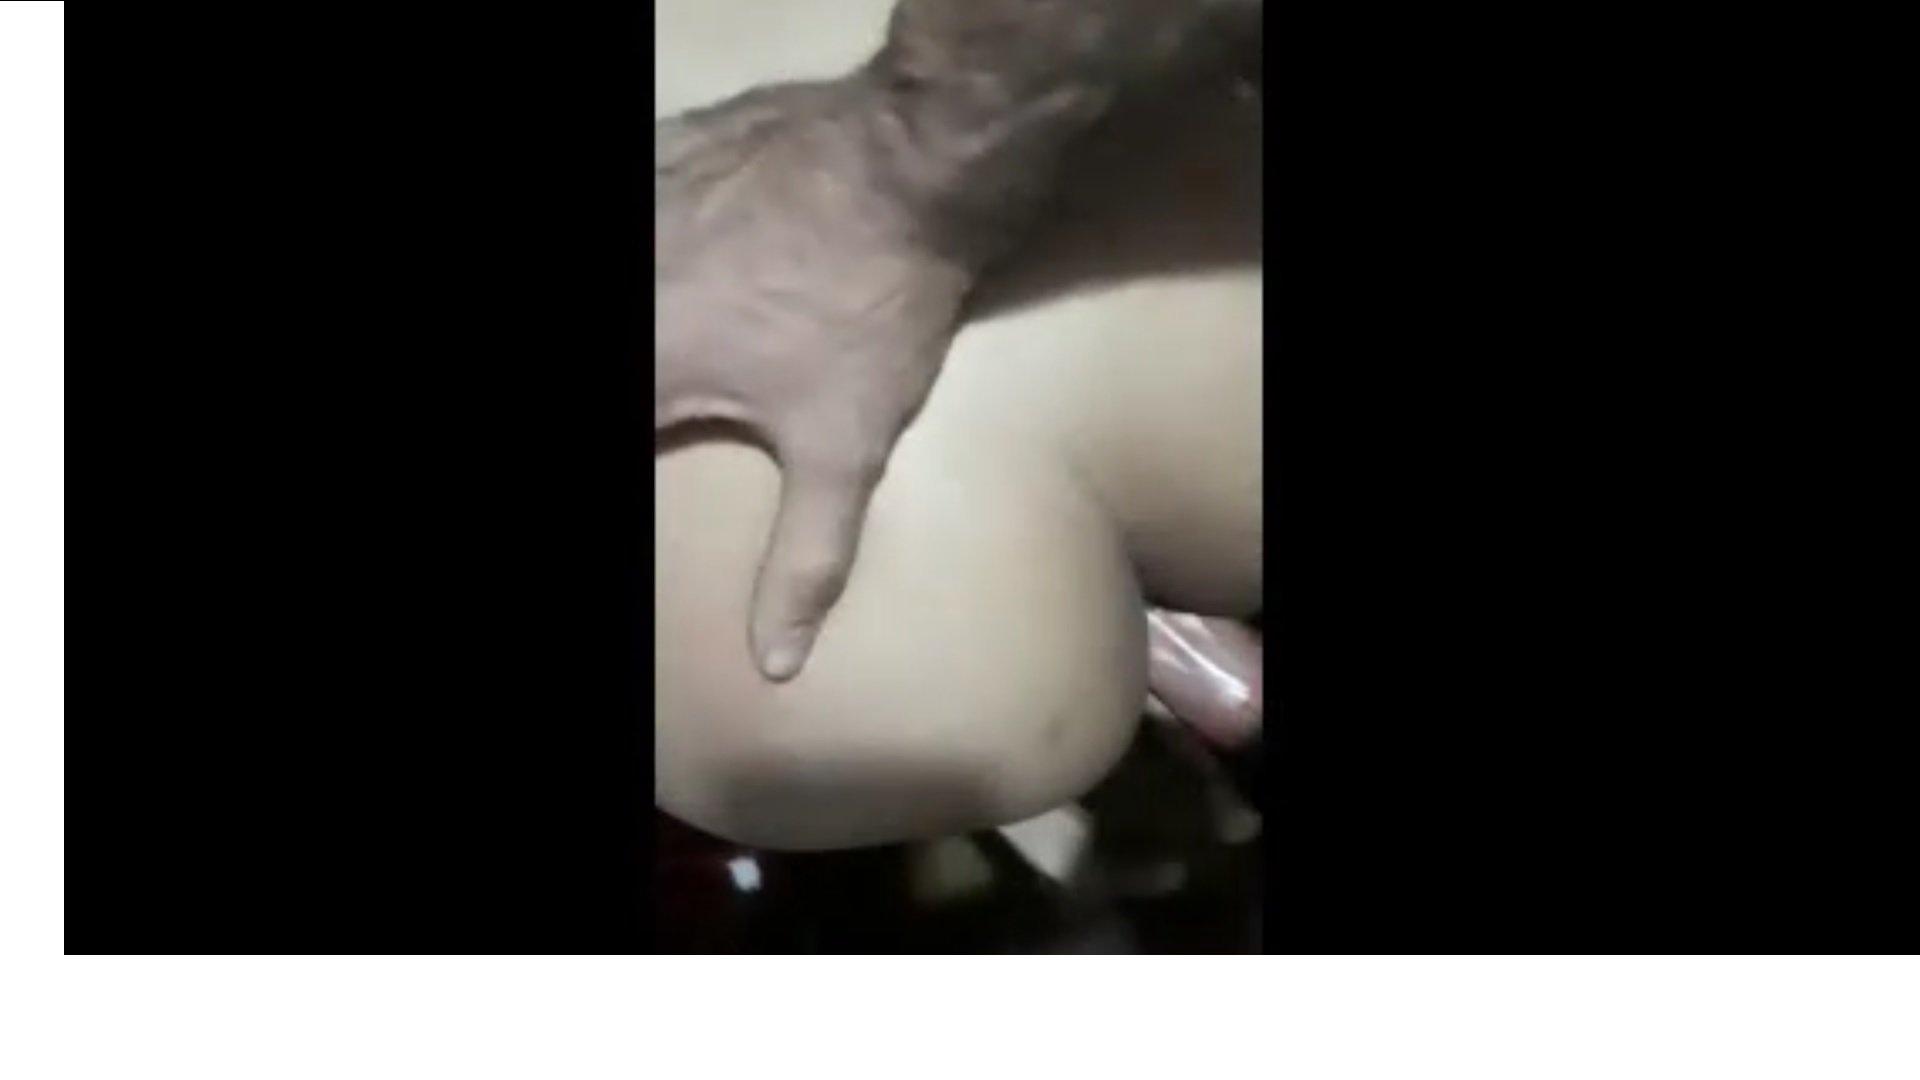 فیلم سکس خشن از کون با زن ناز